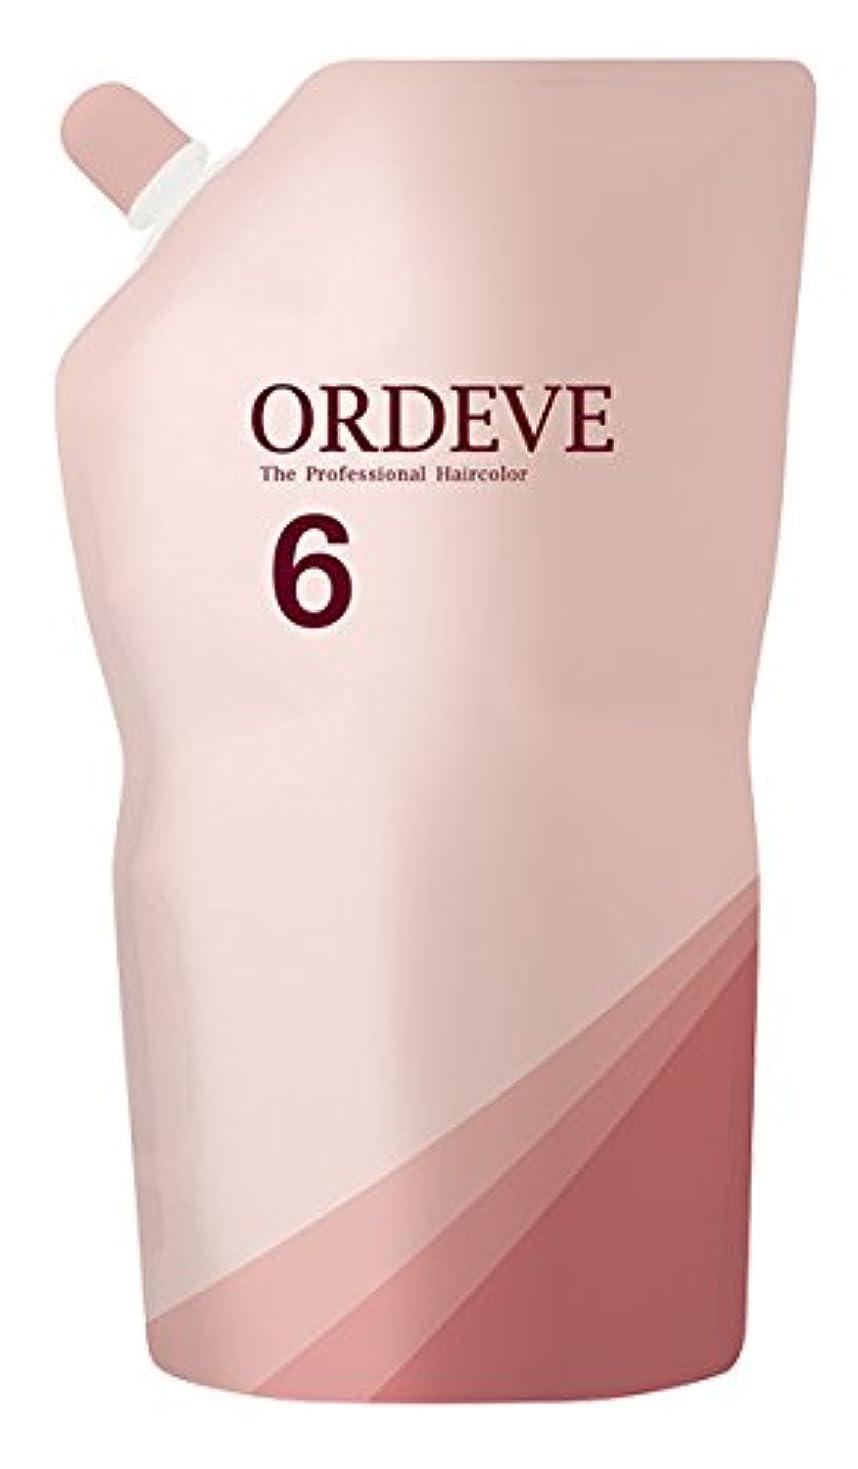 憧れ食い違いオズワルドORDEVE(オルディーブ) ヘアカラー 第2剤 OX(オキシダン) 6% 1000ml